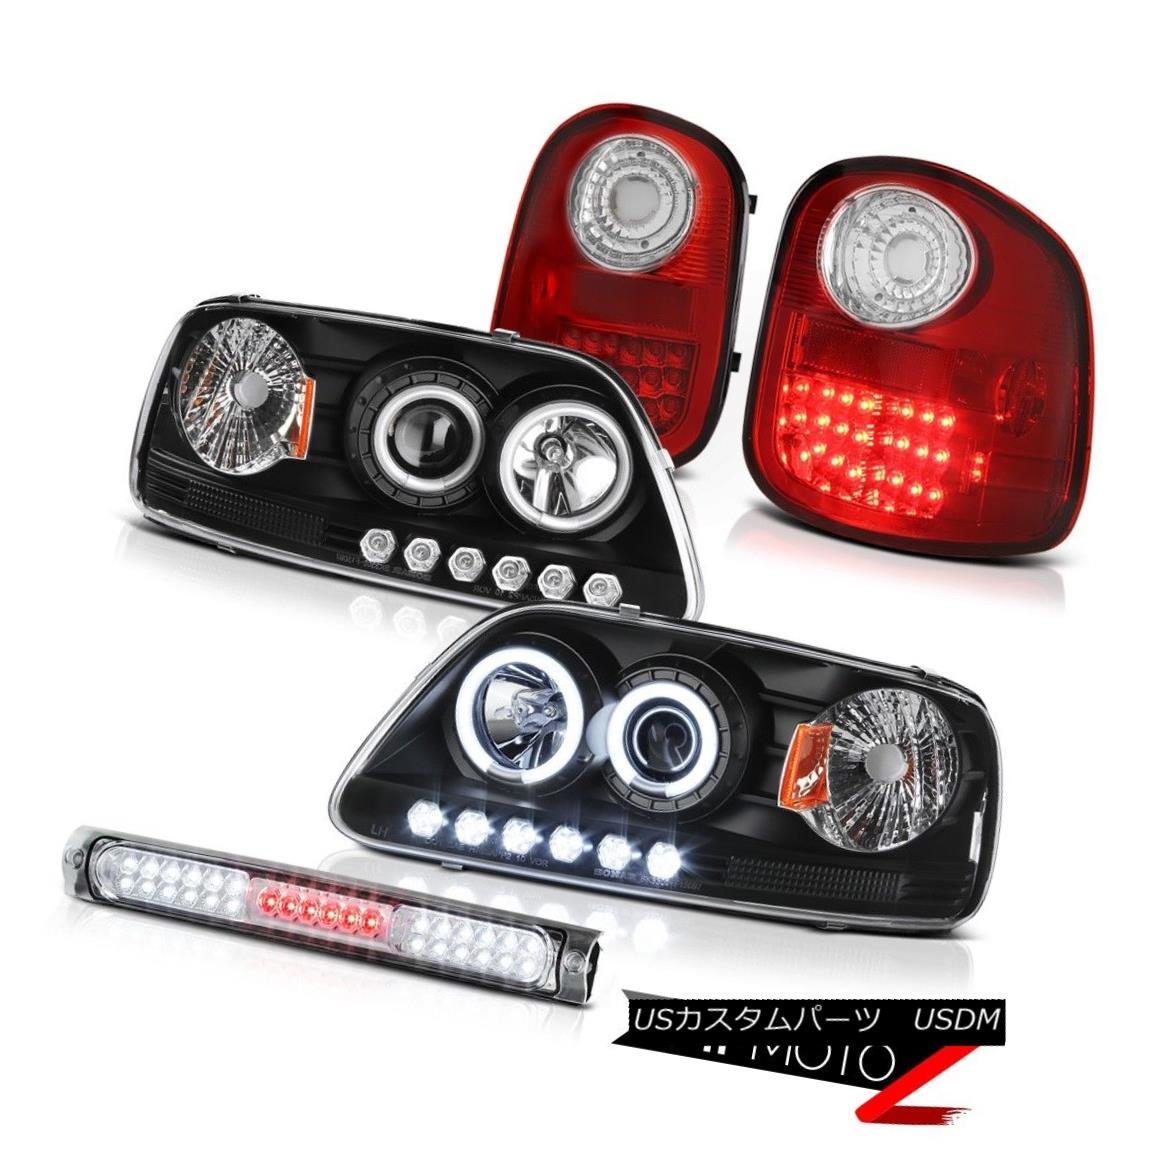 テールライト Fluorescence Headlights Brake Tail Lights LED 3rd 97-03 F150 Flareside Lightning 蛍光ヘッドライトブレーキテールライトLED 3rd 97-03 F150 Flareside Lightning